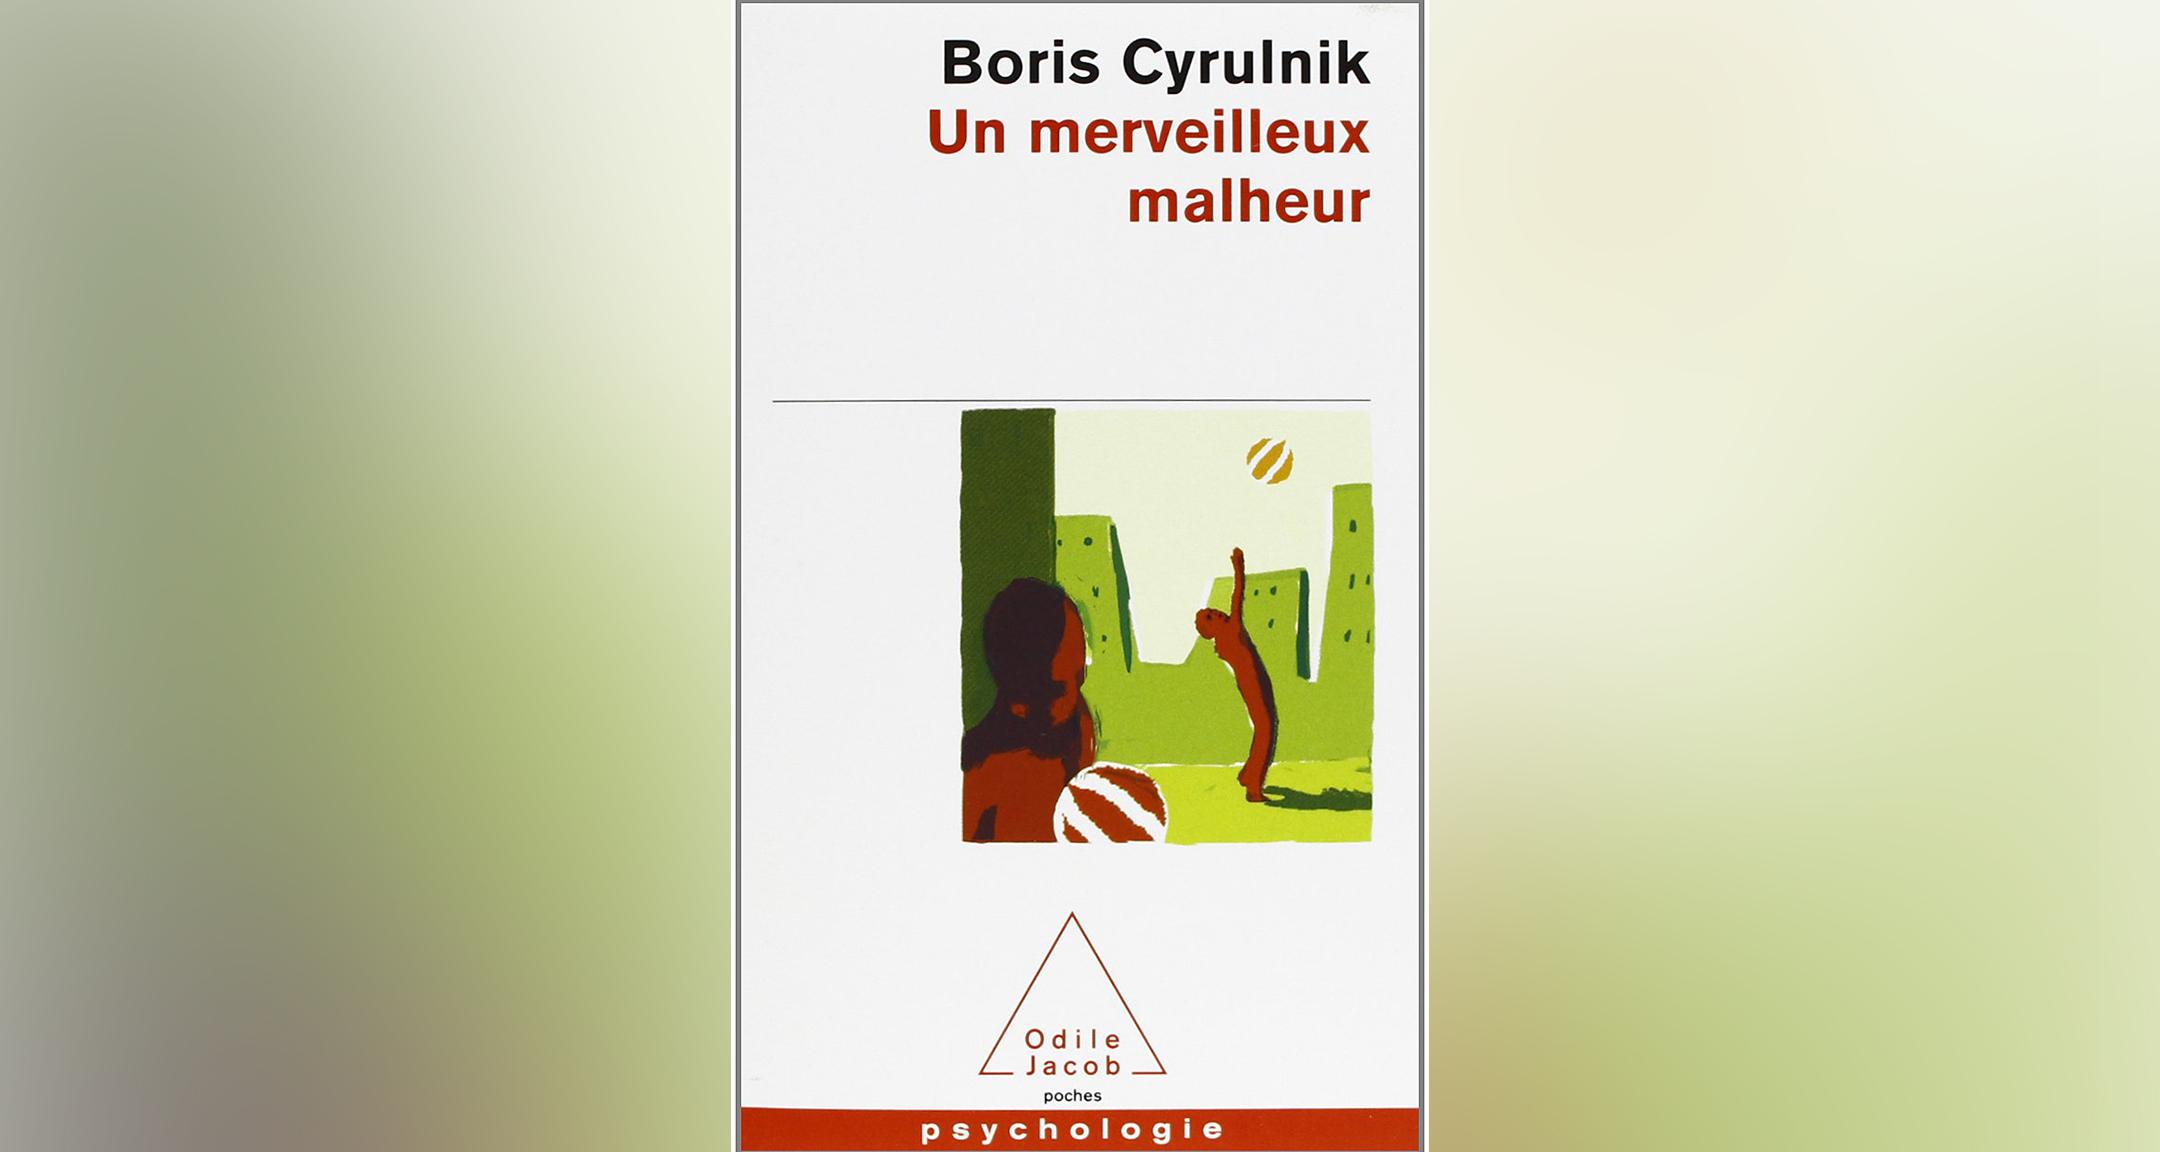 Un merveilleux malheur, Boris Cyrulnik